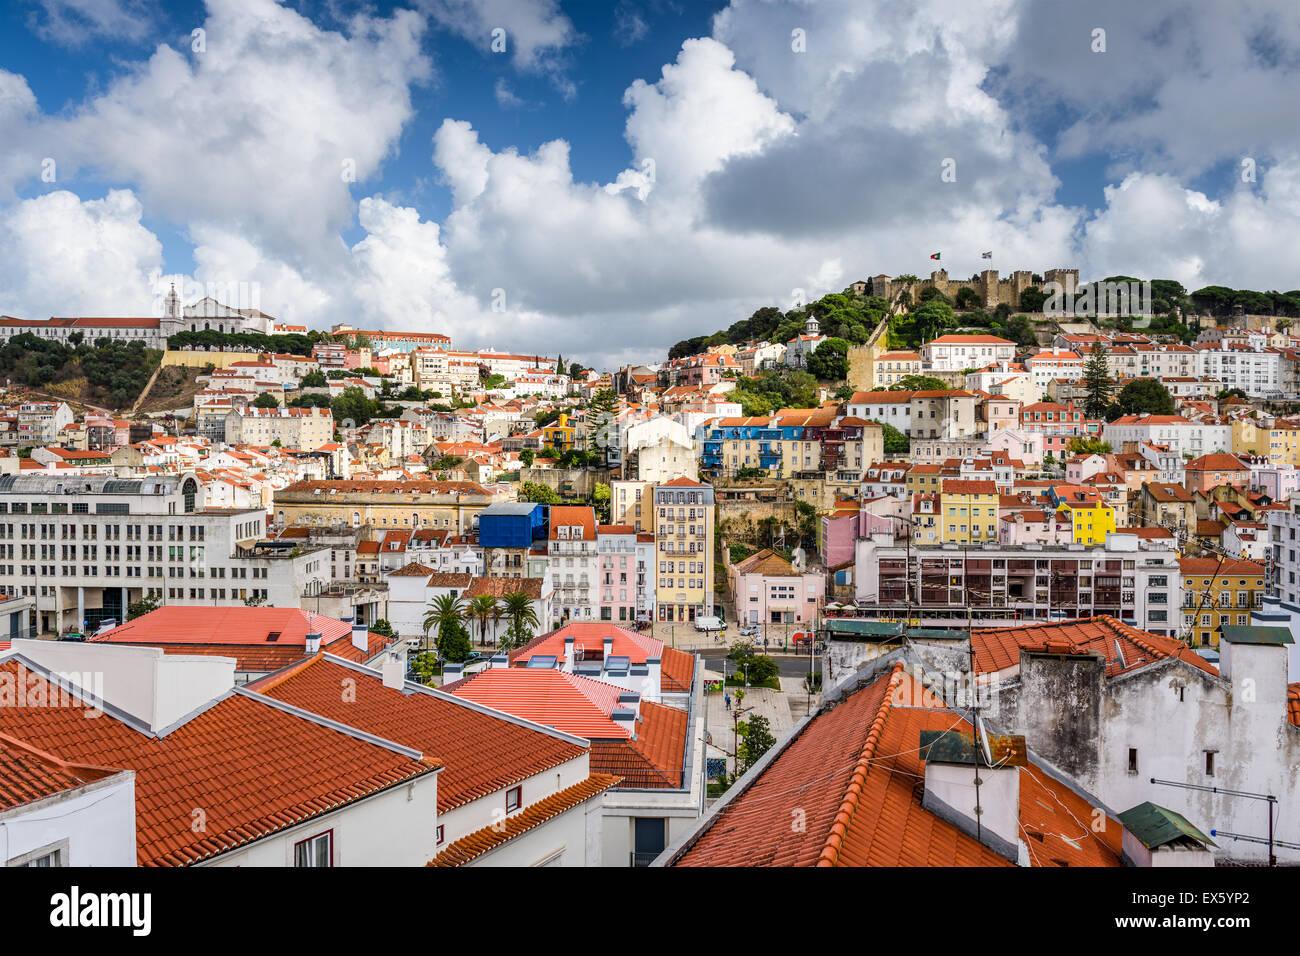 Lisboa, Portugal ciudad vieja ciudad. Imagen De Stock